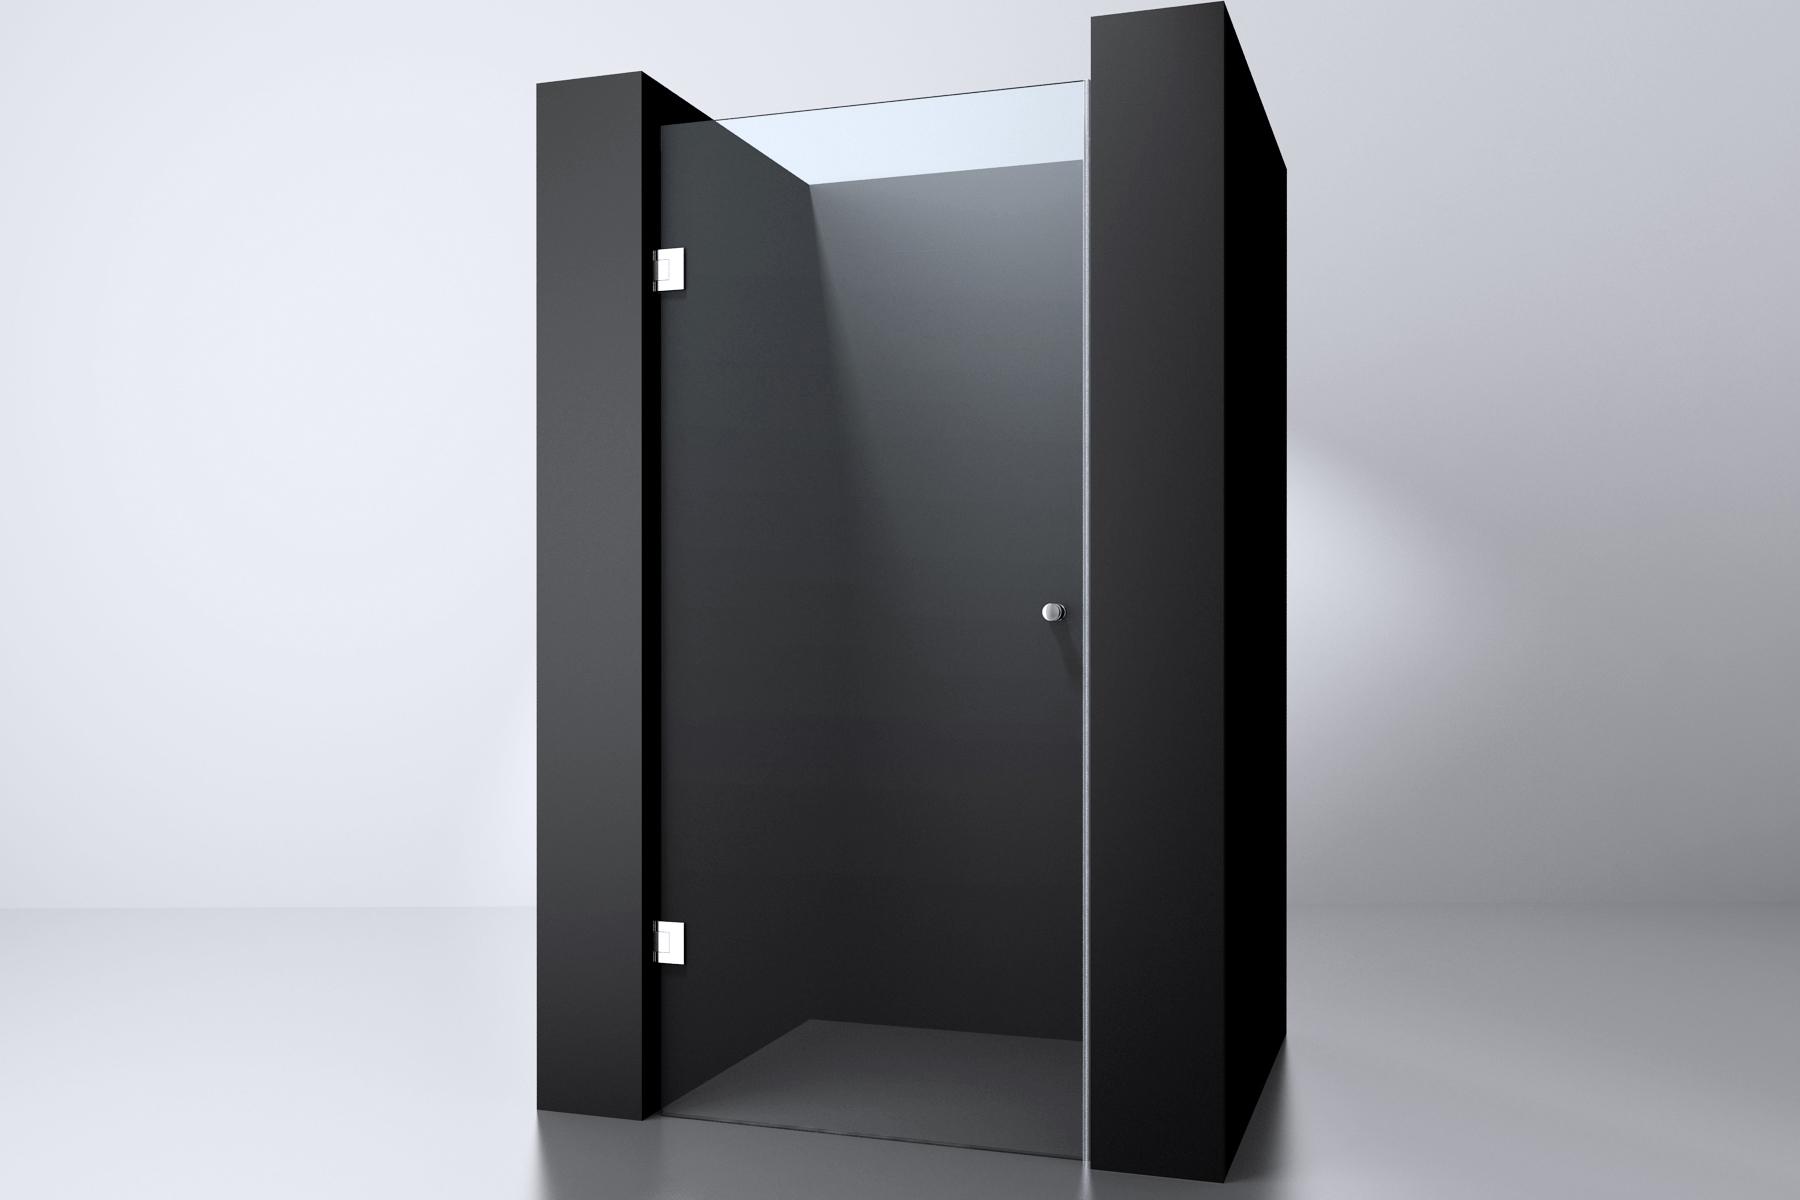 Best Design Erico douchedeur 90x200cm anti-kalk